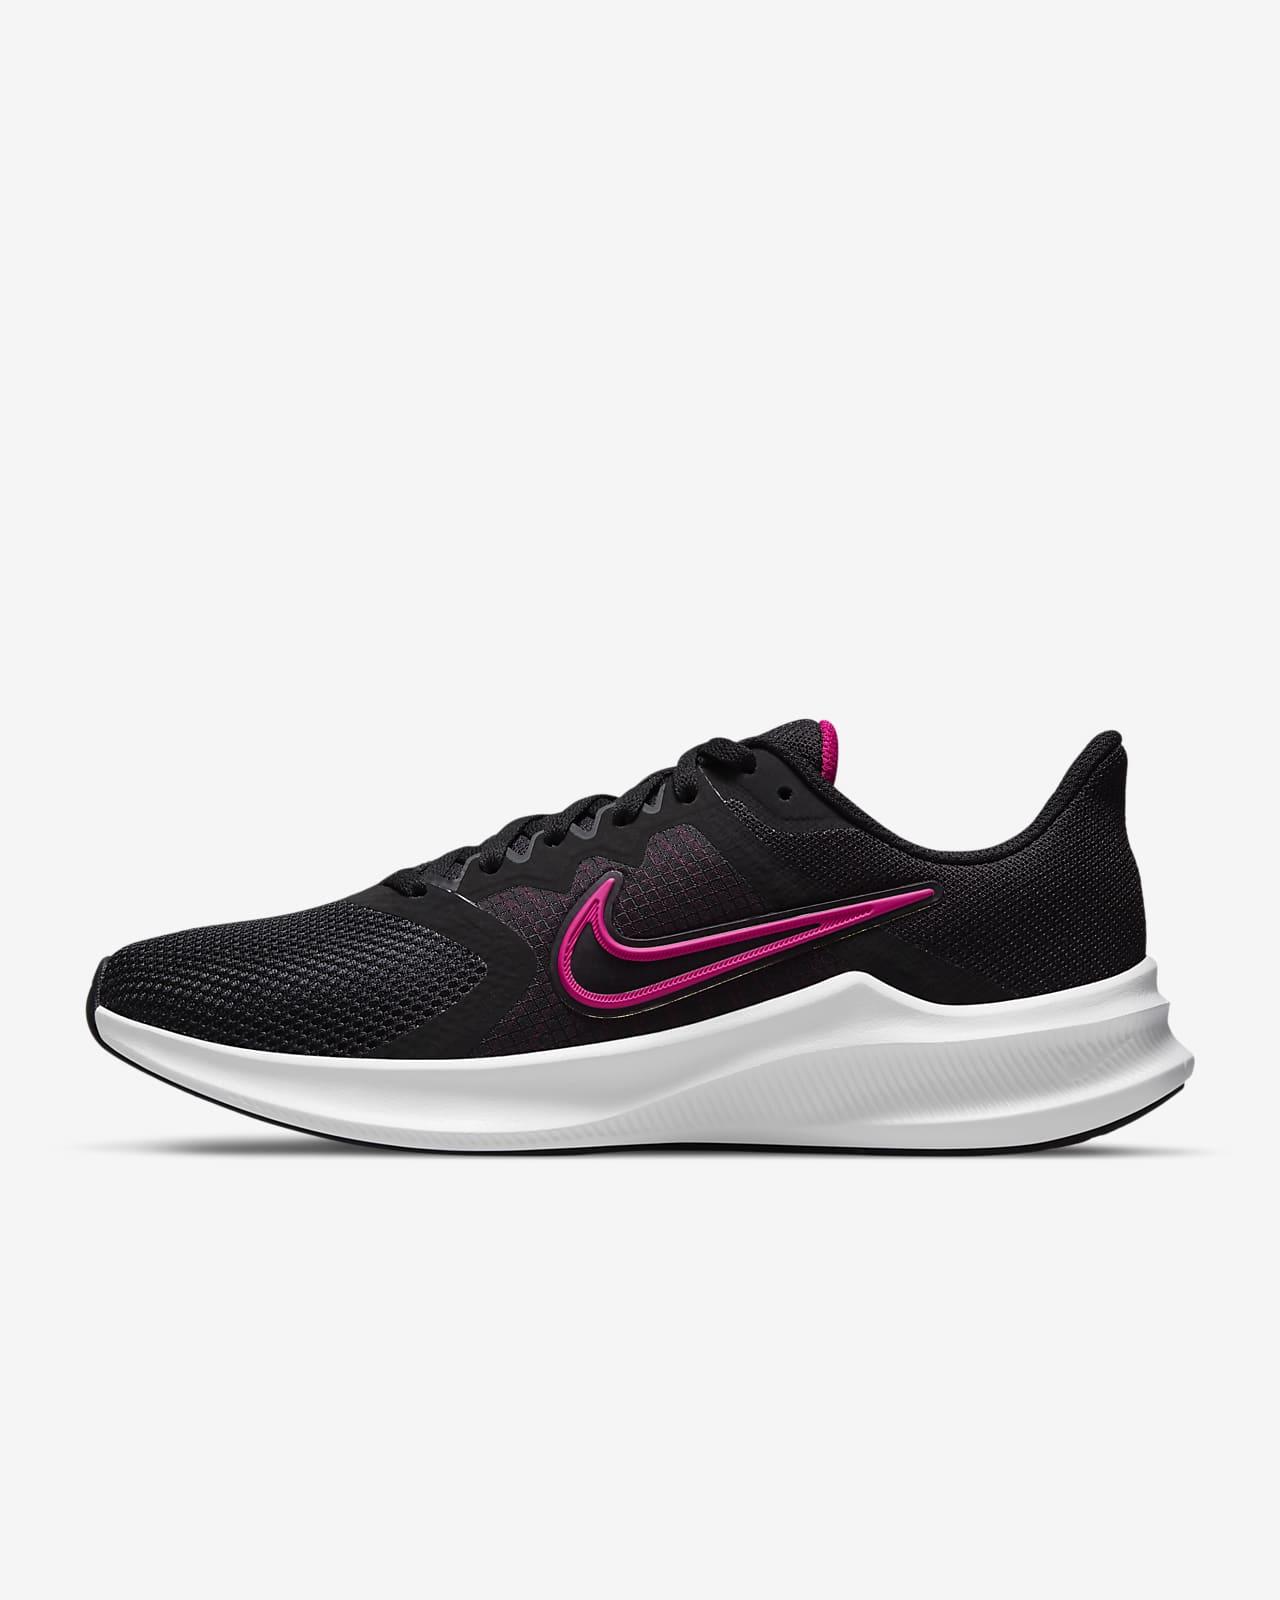 Nike Downshifter 11 Damen-Laufschuh